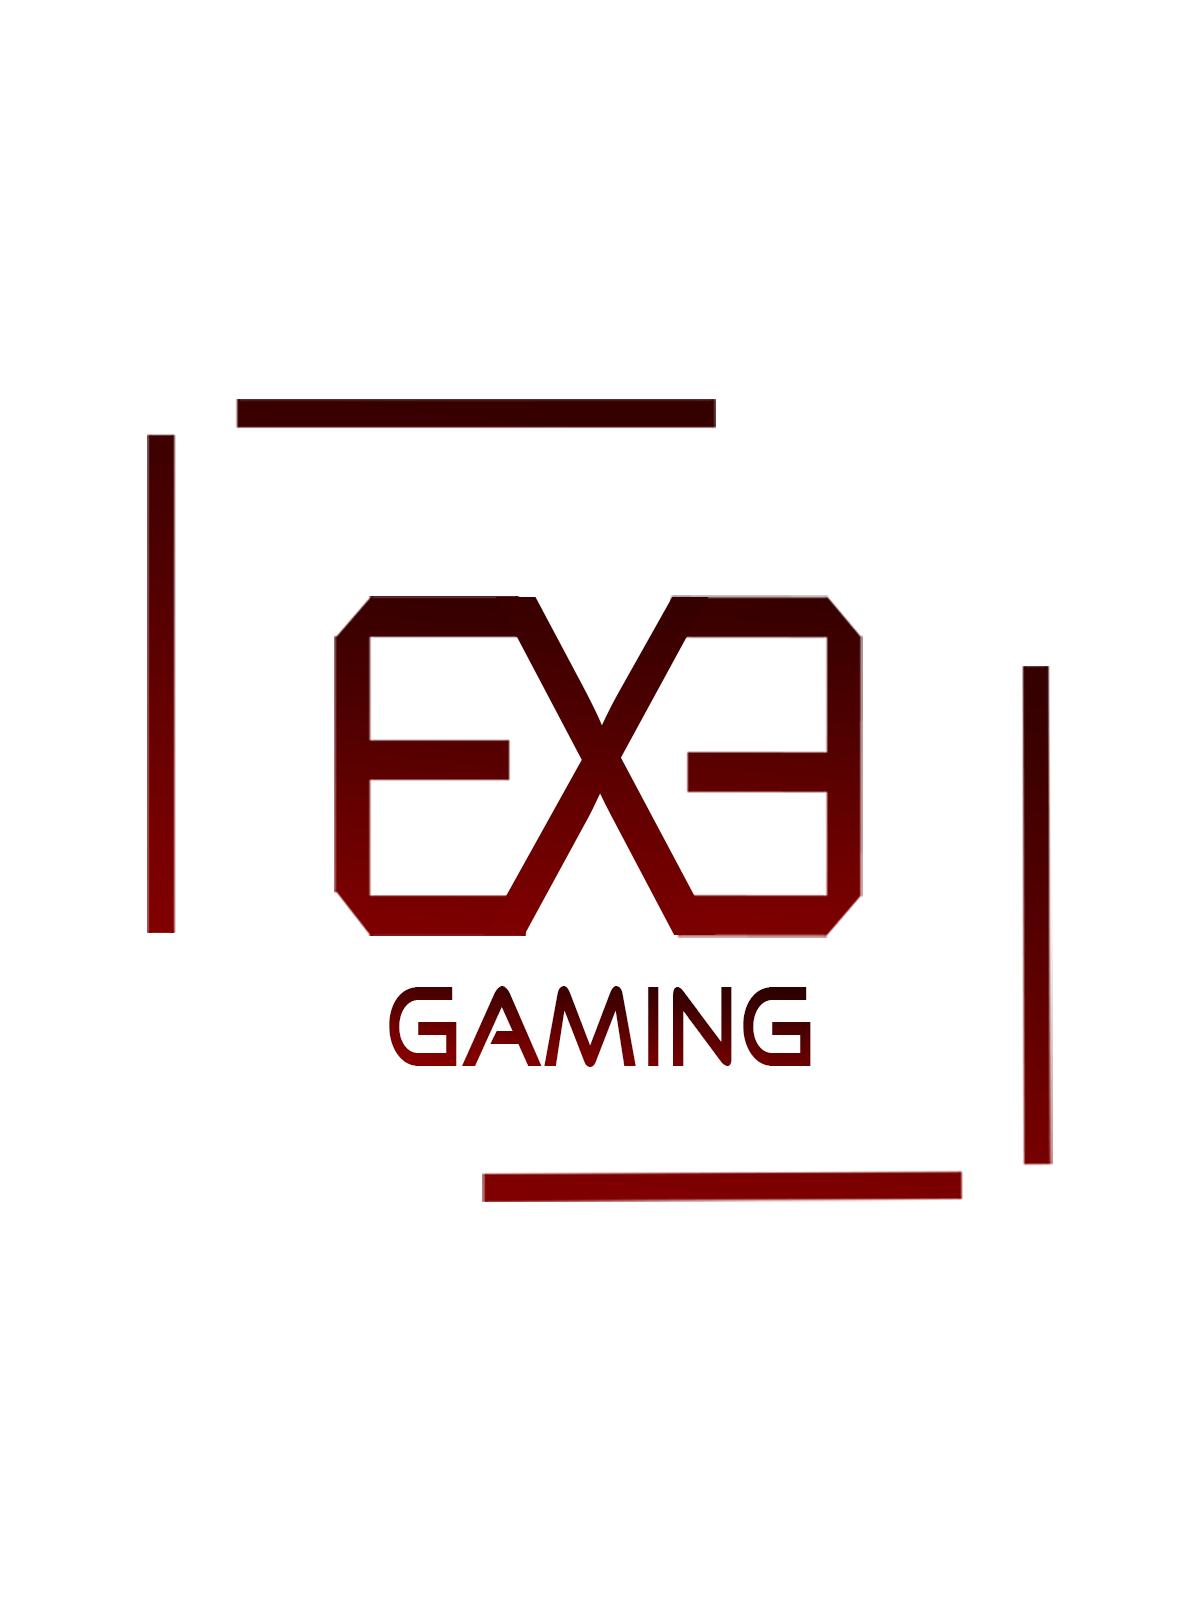 EXEGaming sucht euch! Kompetitiv oder einfach für die Community! 3456